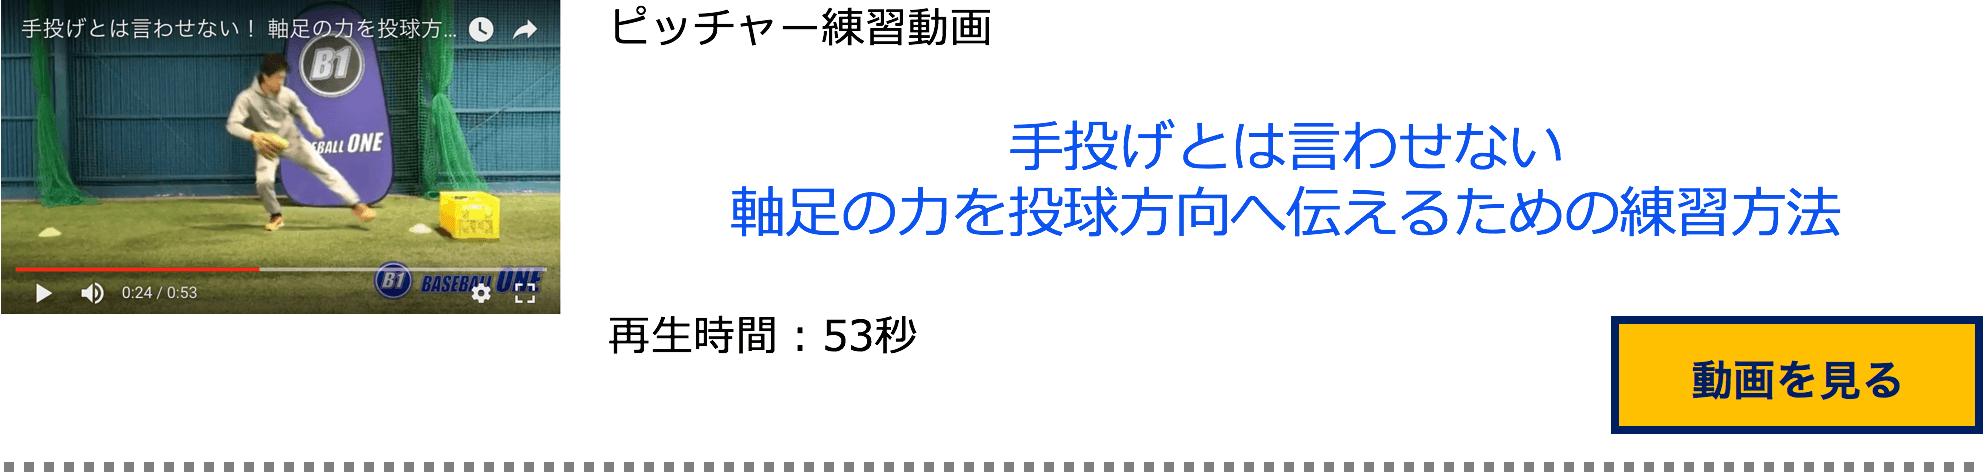 スクリーンショット 2017-05-17 18.33.48